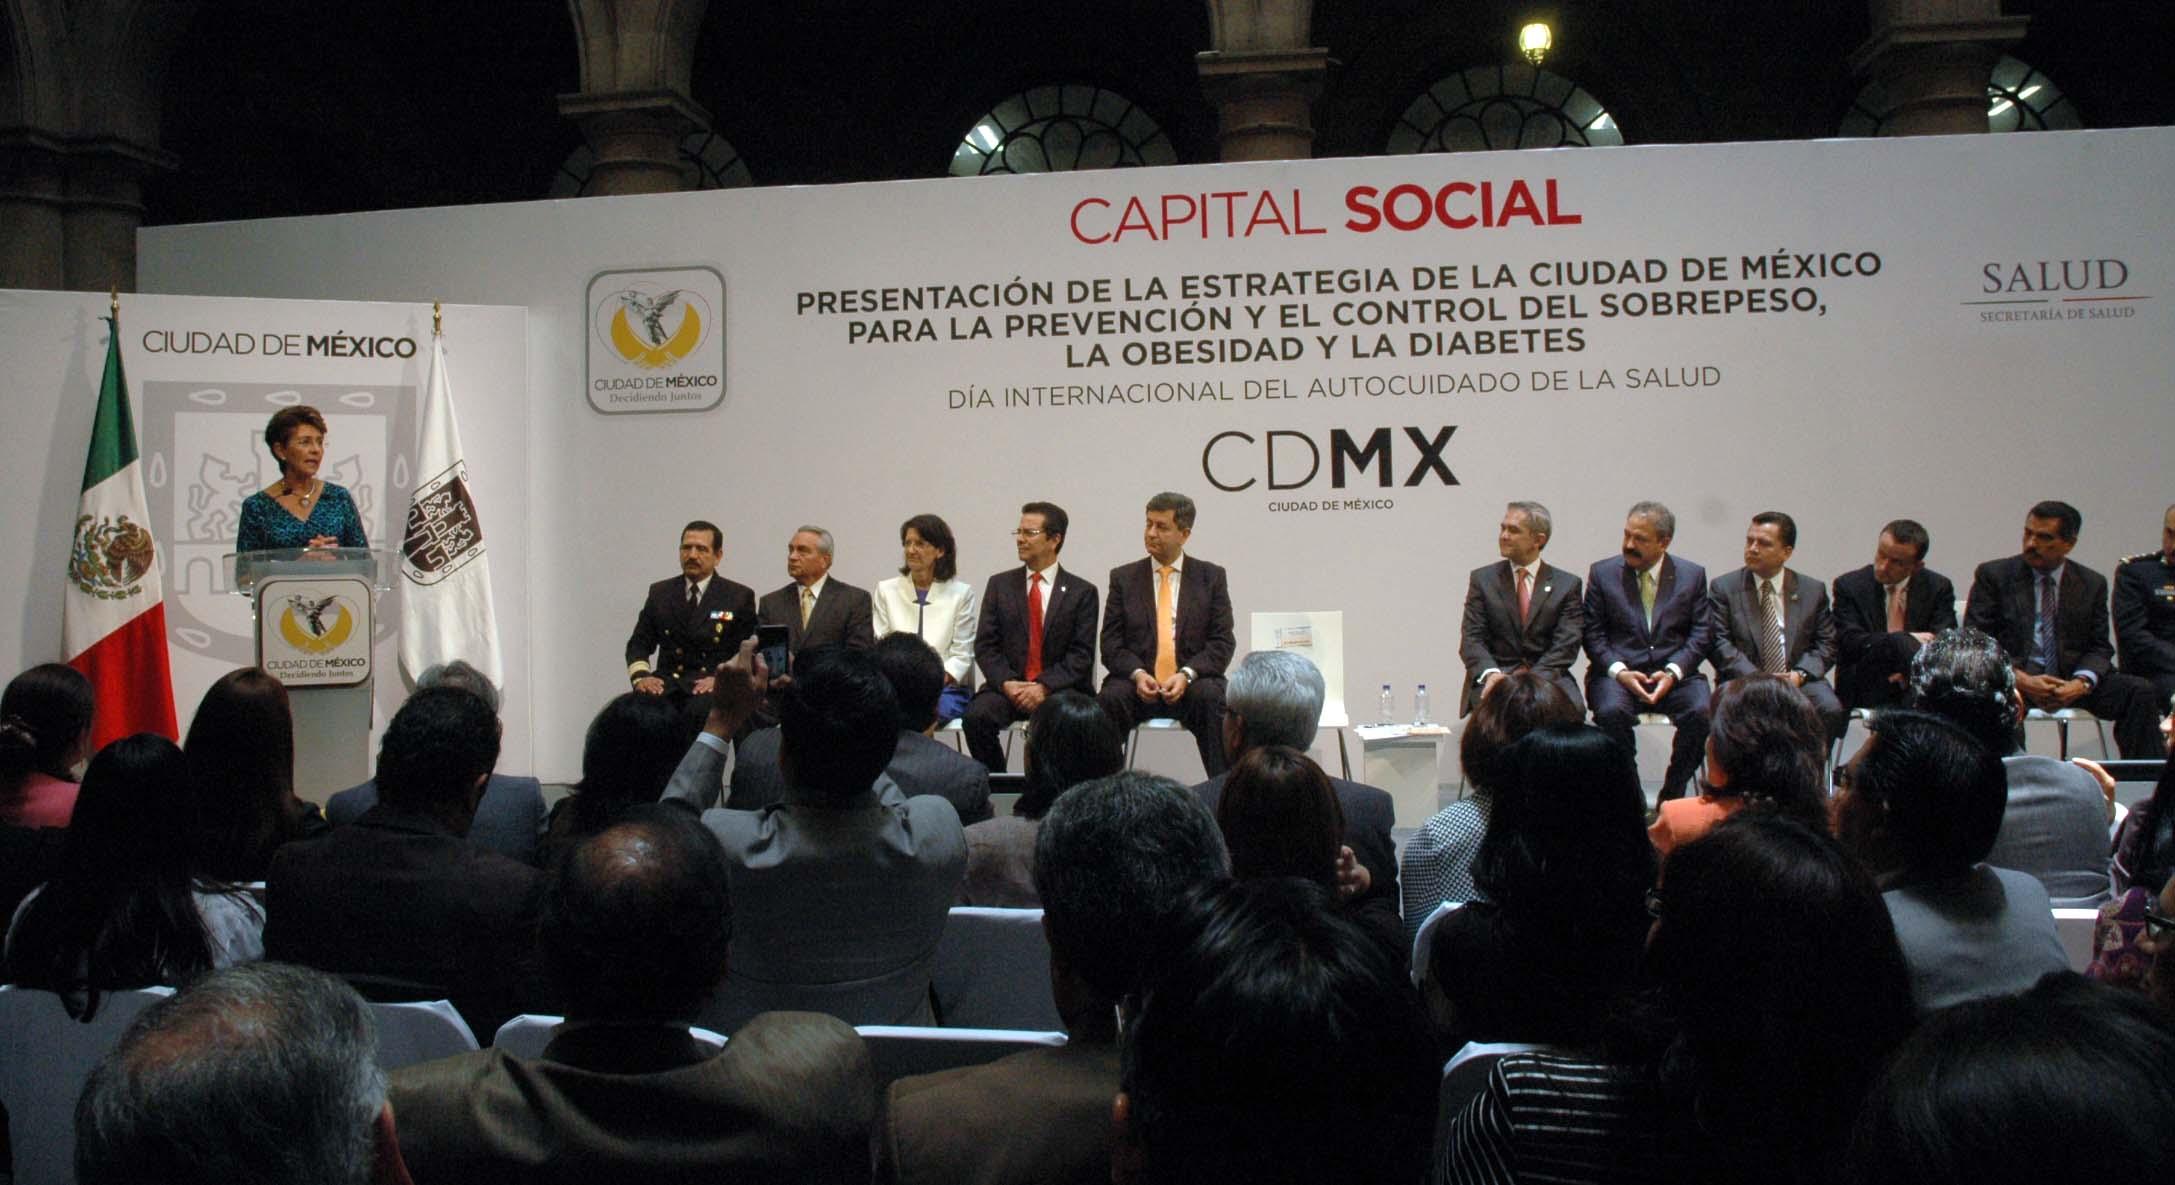 Estrategia de la Ciudad de México para la Prevención y el Control de Sobrepeso, Obesidad y Diabetes